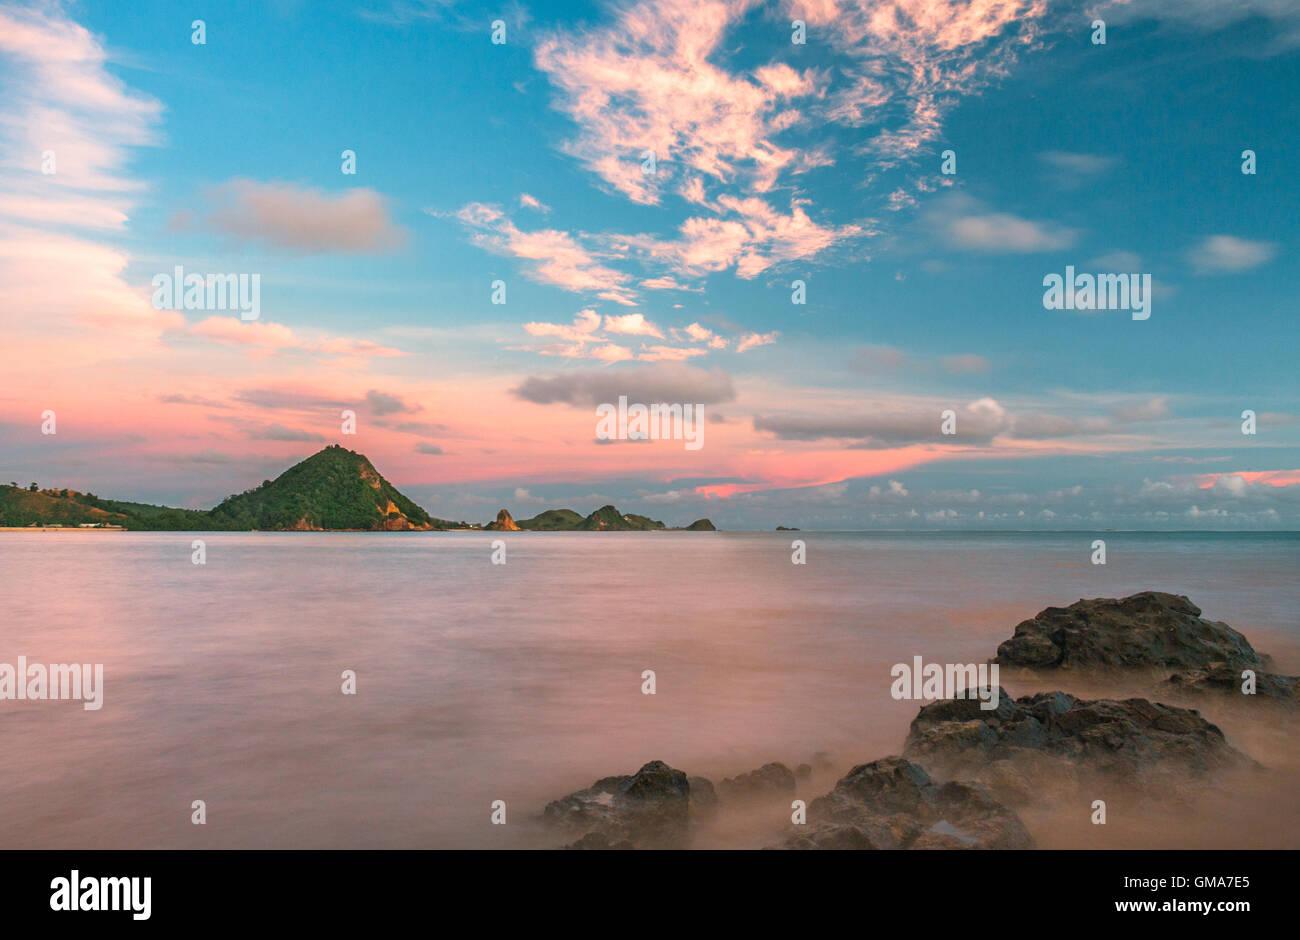 Una lunga esposizione dell'oceano ancora e rocce e con un bellissimo cielo al tramonto. Immagini Stock